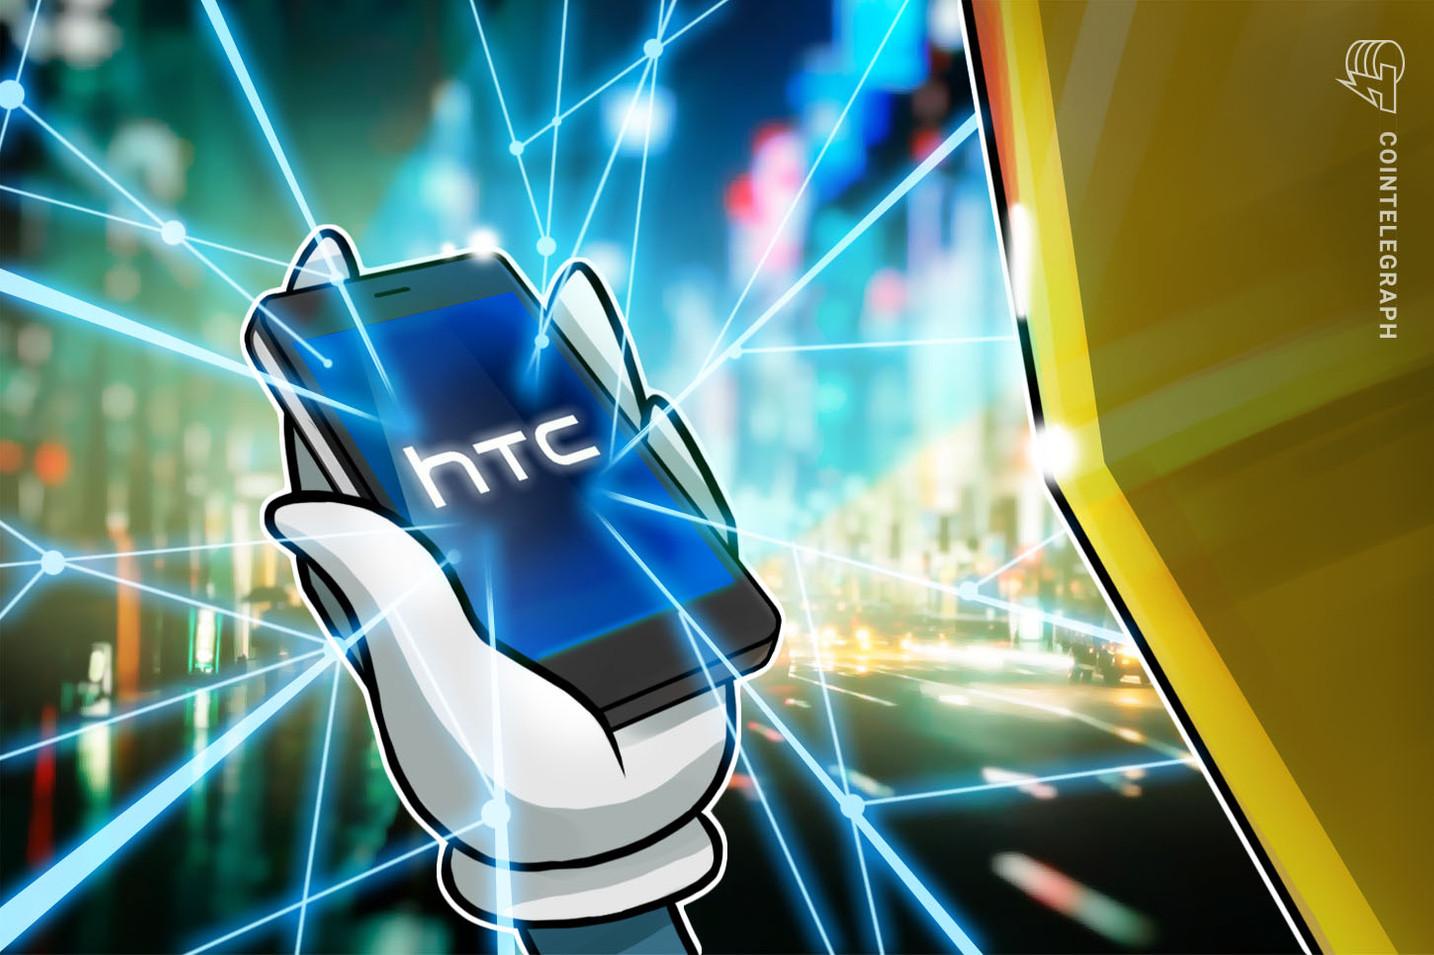 وسائل الإعلام المحلية: إتش تي سي تخطط لإطلاق الجيل الثاني من هاتف بلوكتشين الذكي في عام ٢٠١٩